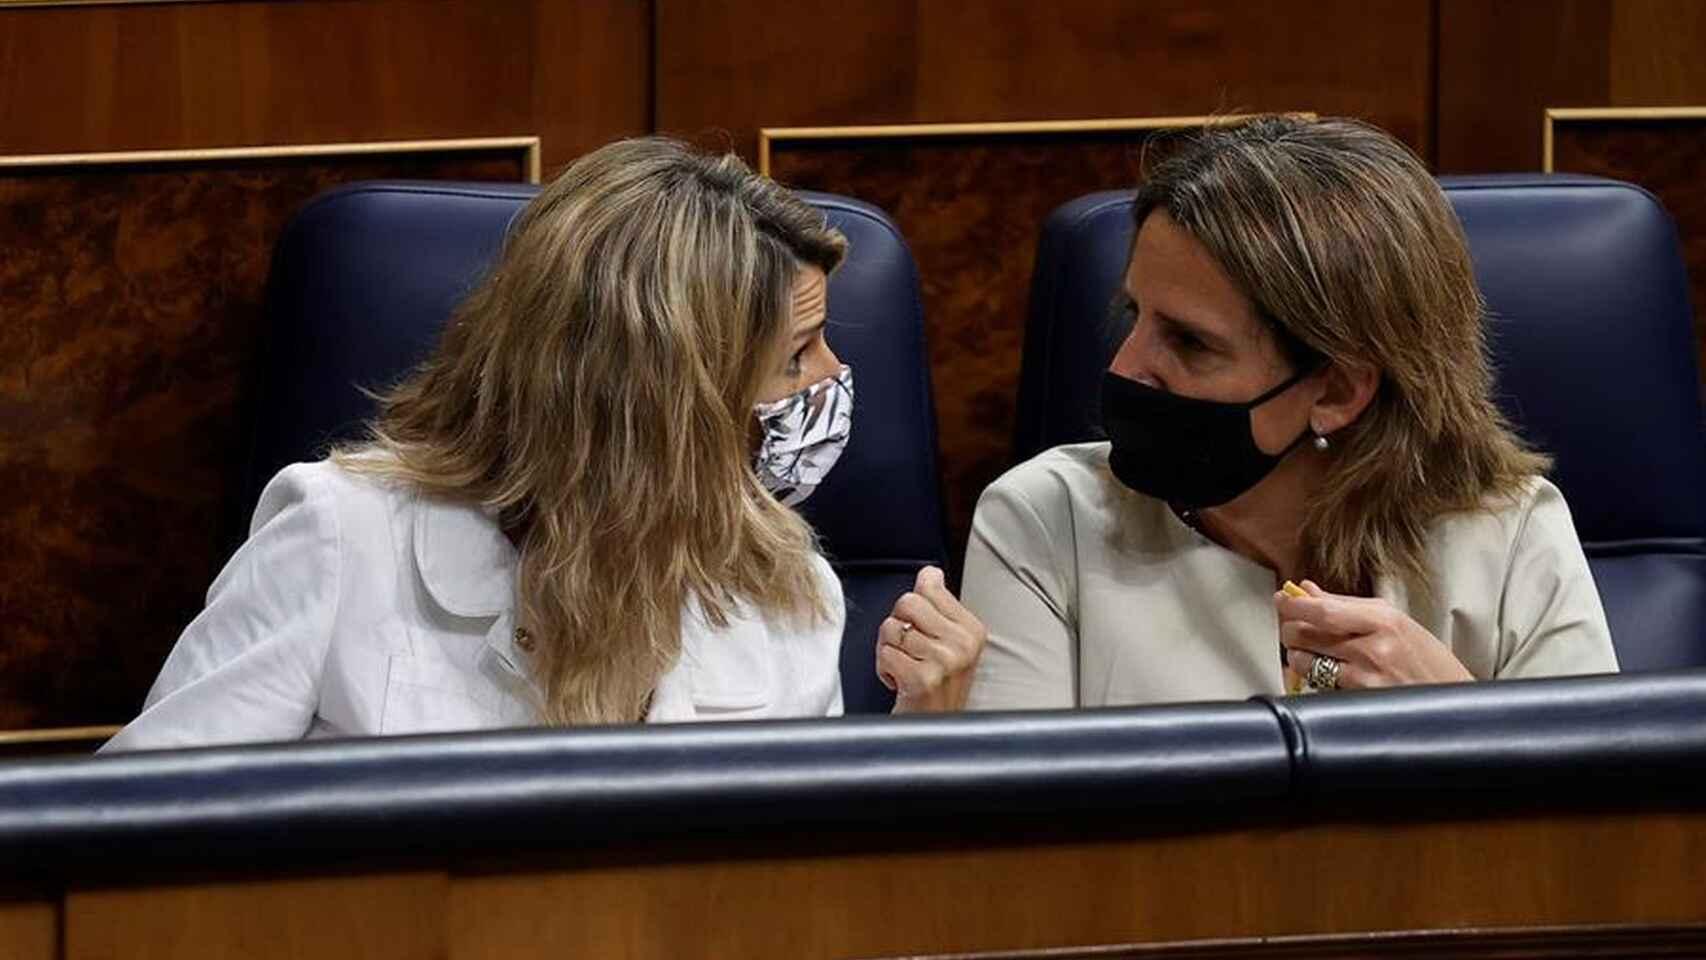 Podemos alenta las manifestaciones contra su Gobierno por el precio de la luz. En la imagen, Yolanda Díaz (UP) y Teresa Ribera (PSOE), conversando durante un pleno parlamentario./ EFE